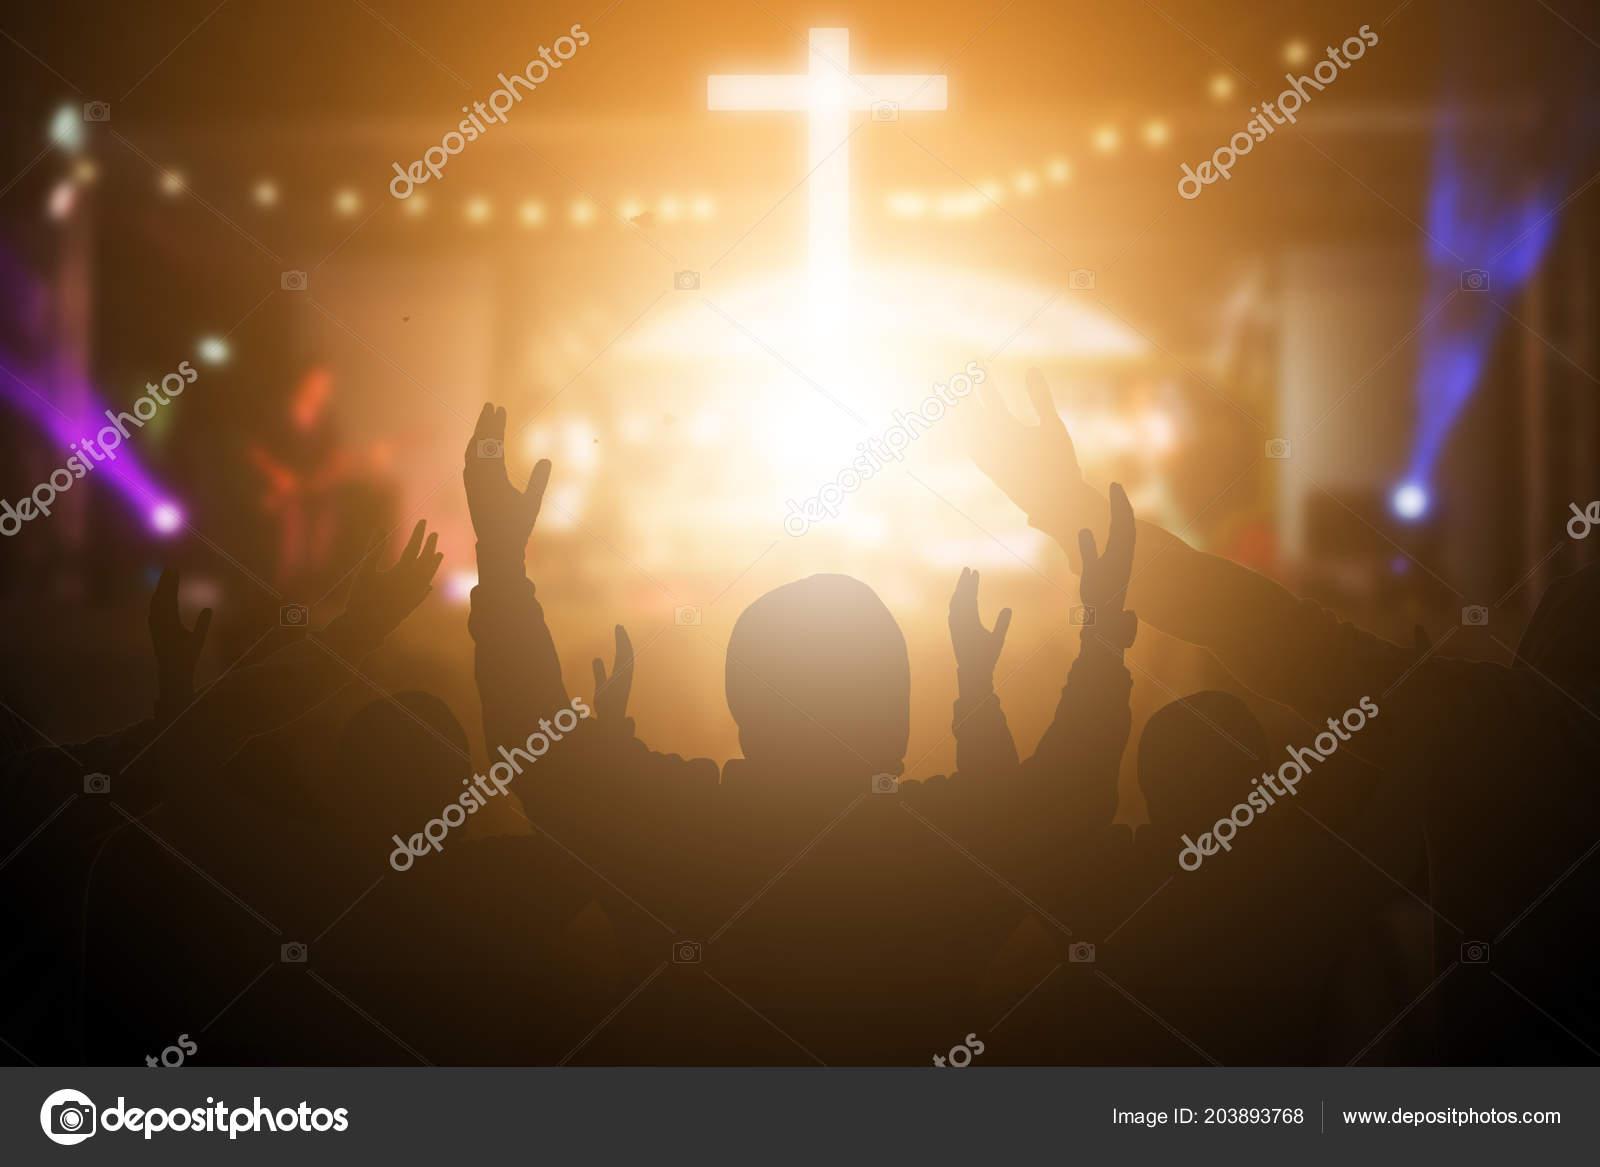 church offering prayer - HD5847×3898